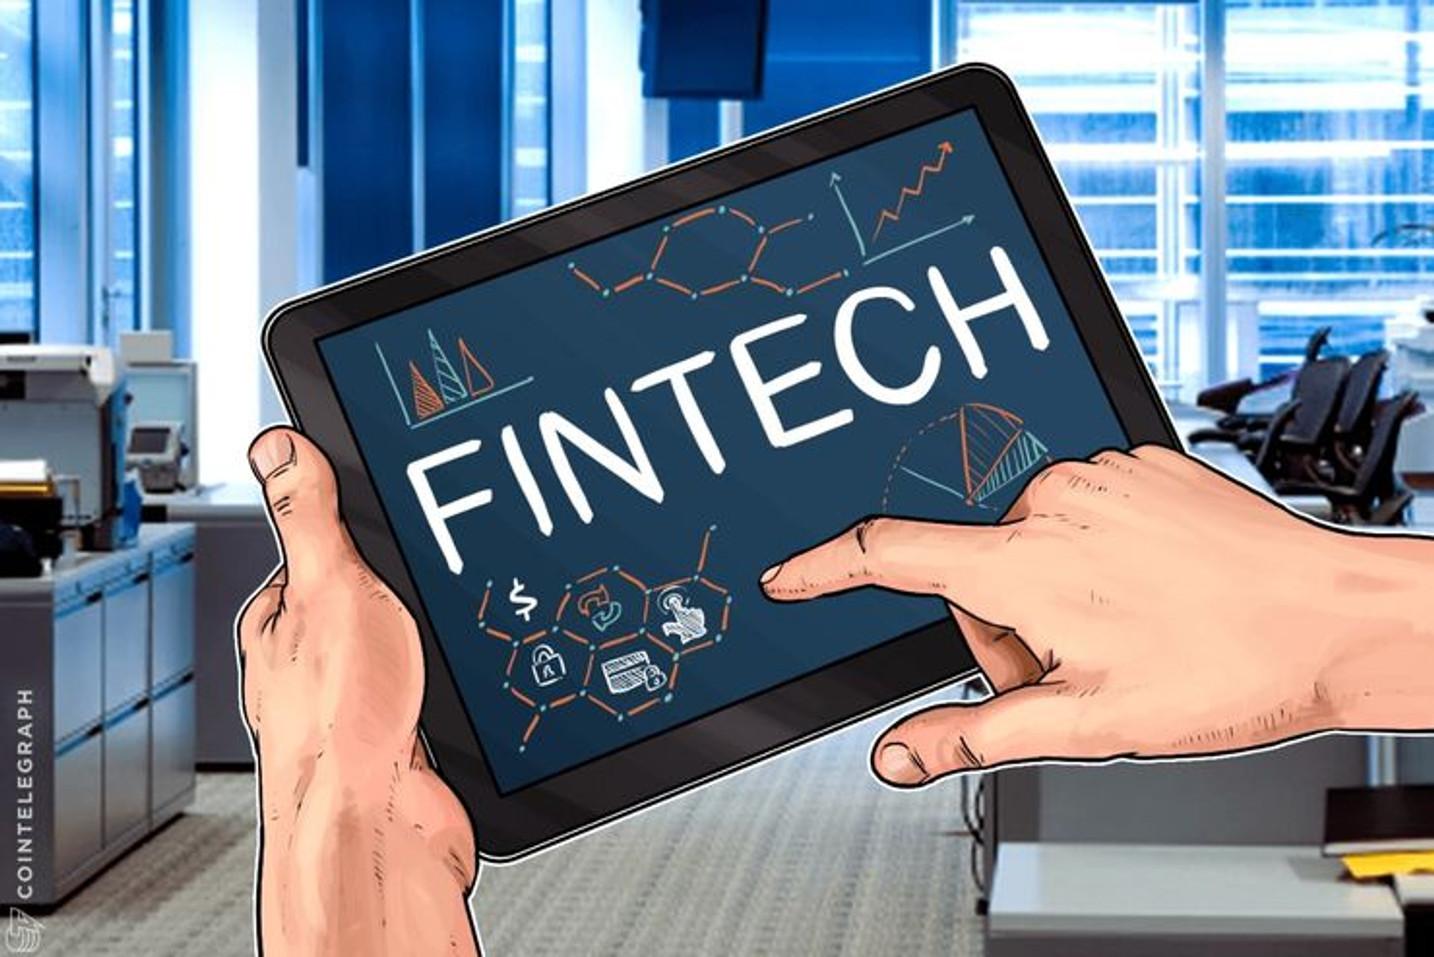 Fintech británica desembarca en España tras levantar 8.4 millones de euros de financiación